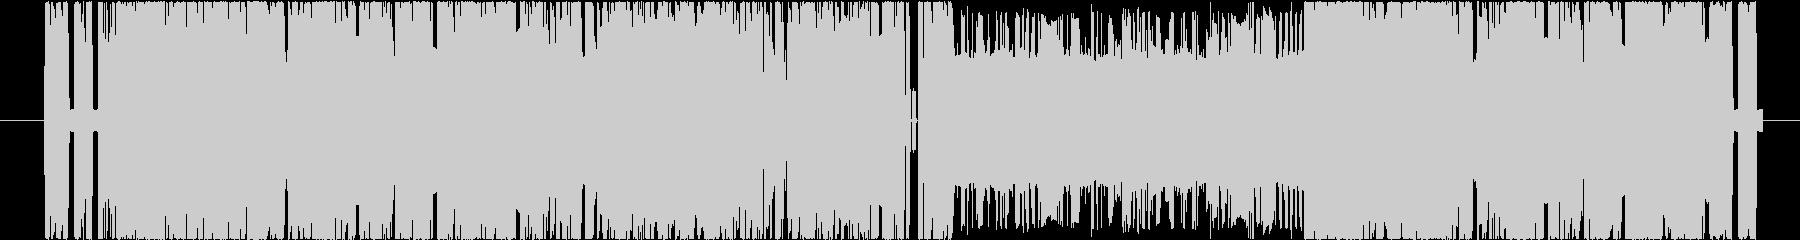 ゲームサウンド&8bit×チップチューンの未再生の波形